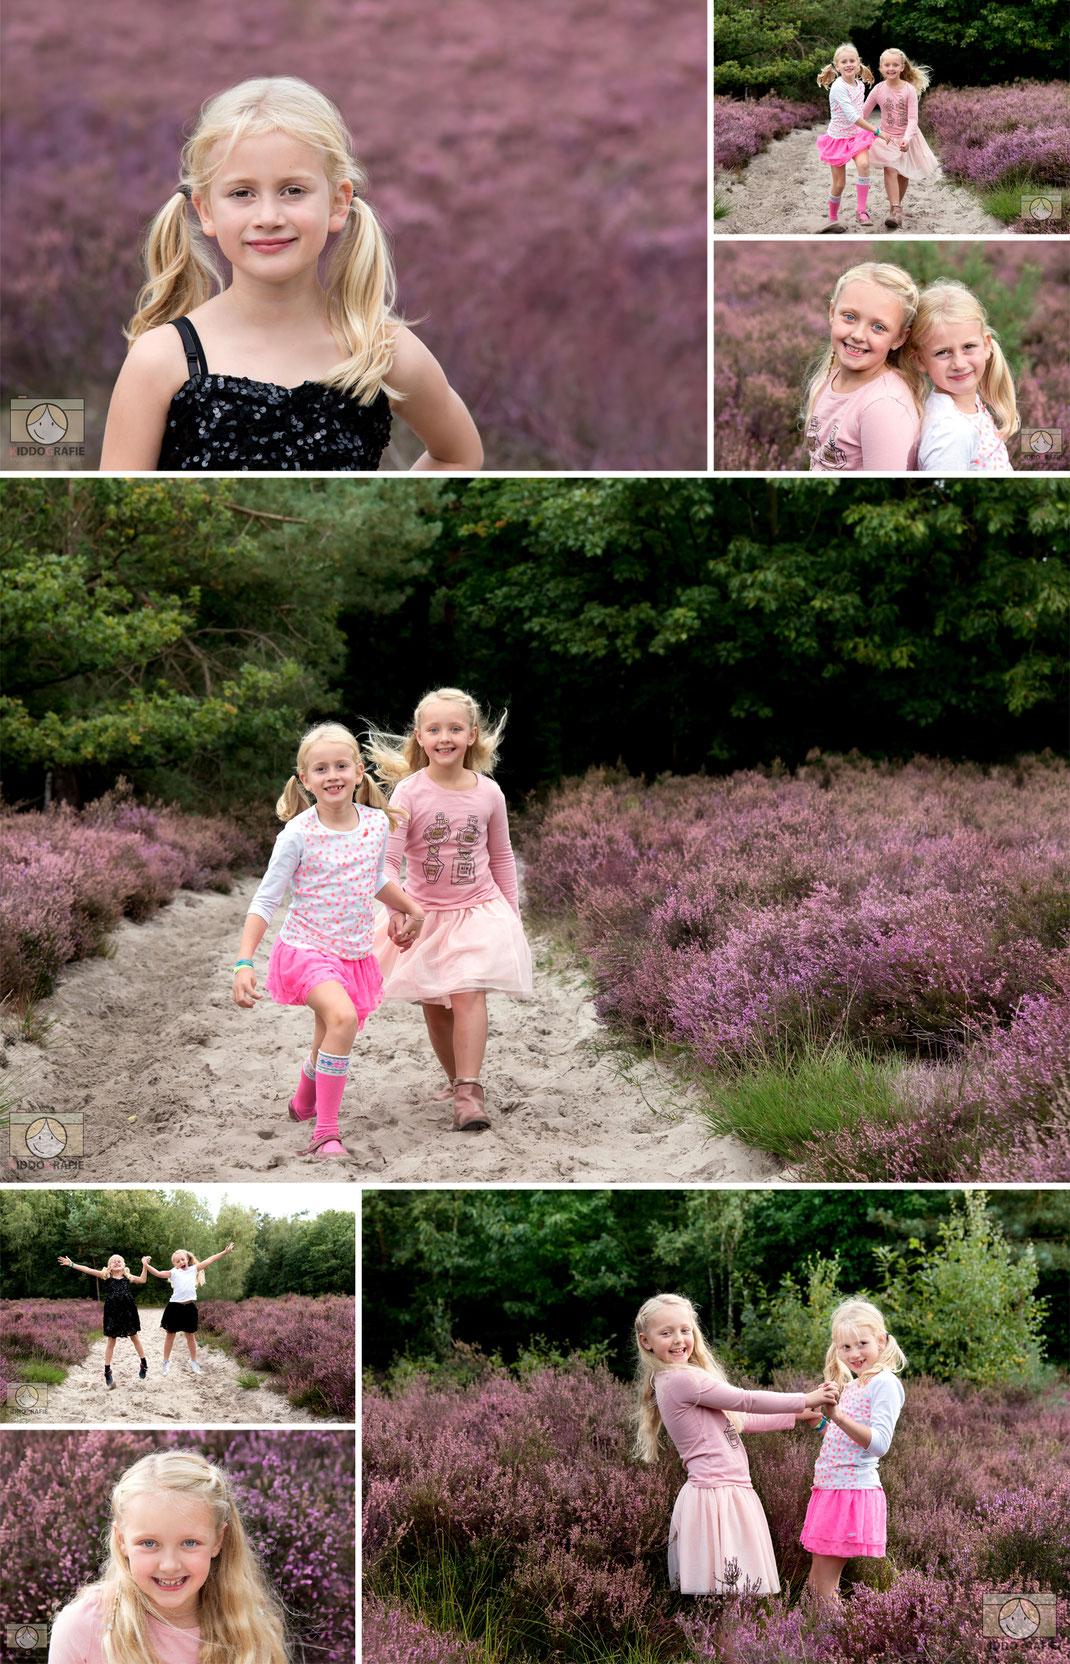 kinderfotografie Bergen op Zoom